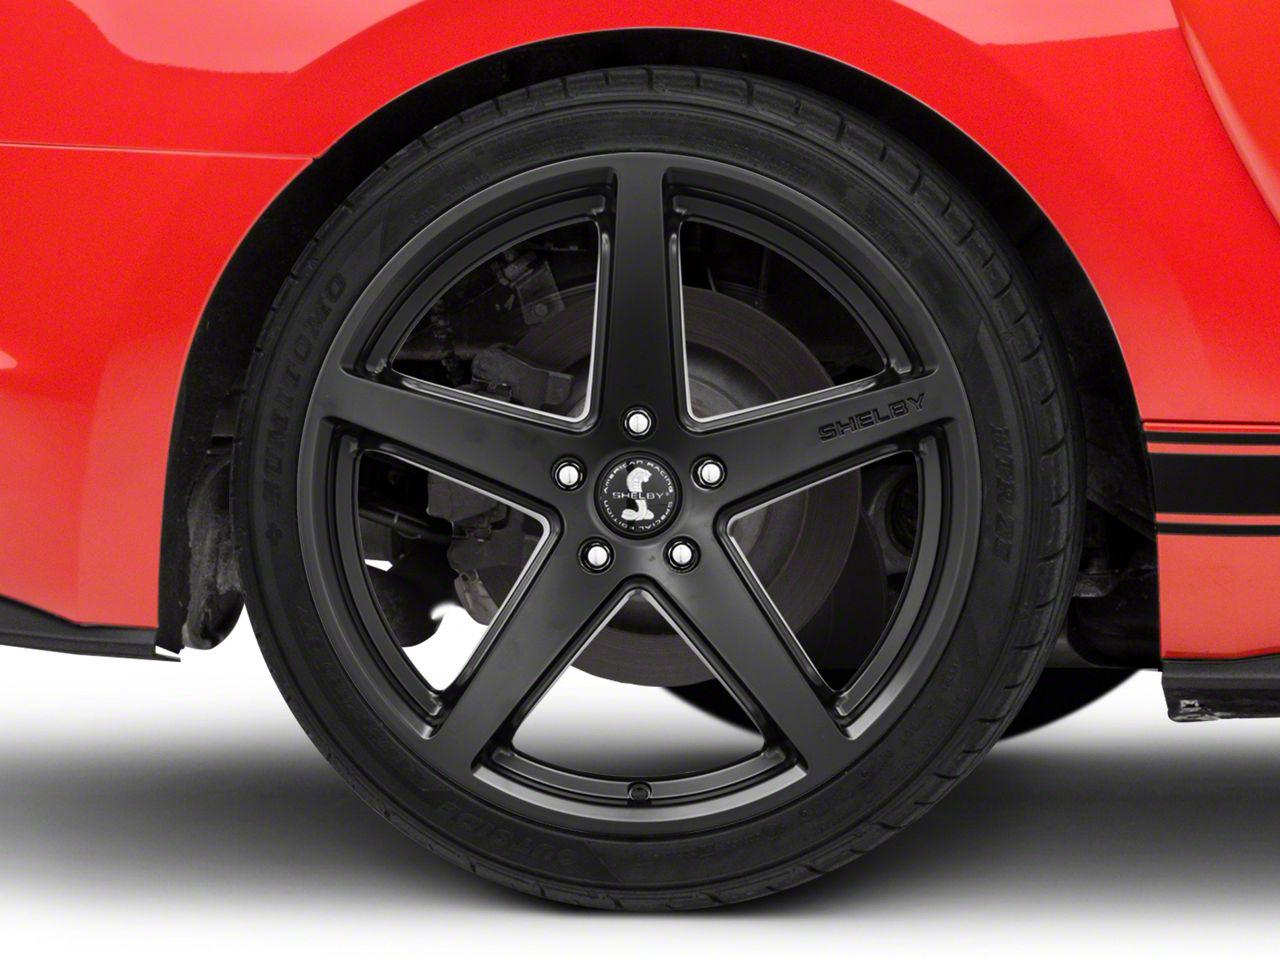 Shelby Style SB201 Satin Black Wheel - 19x10.5 (15-19 GT, EcoBoost, V6)